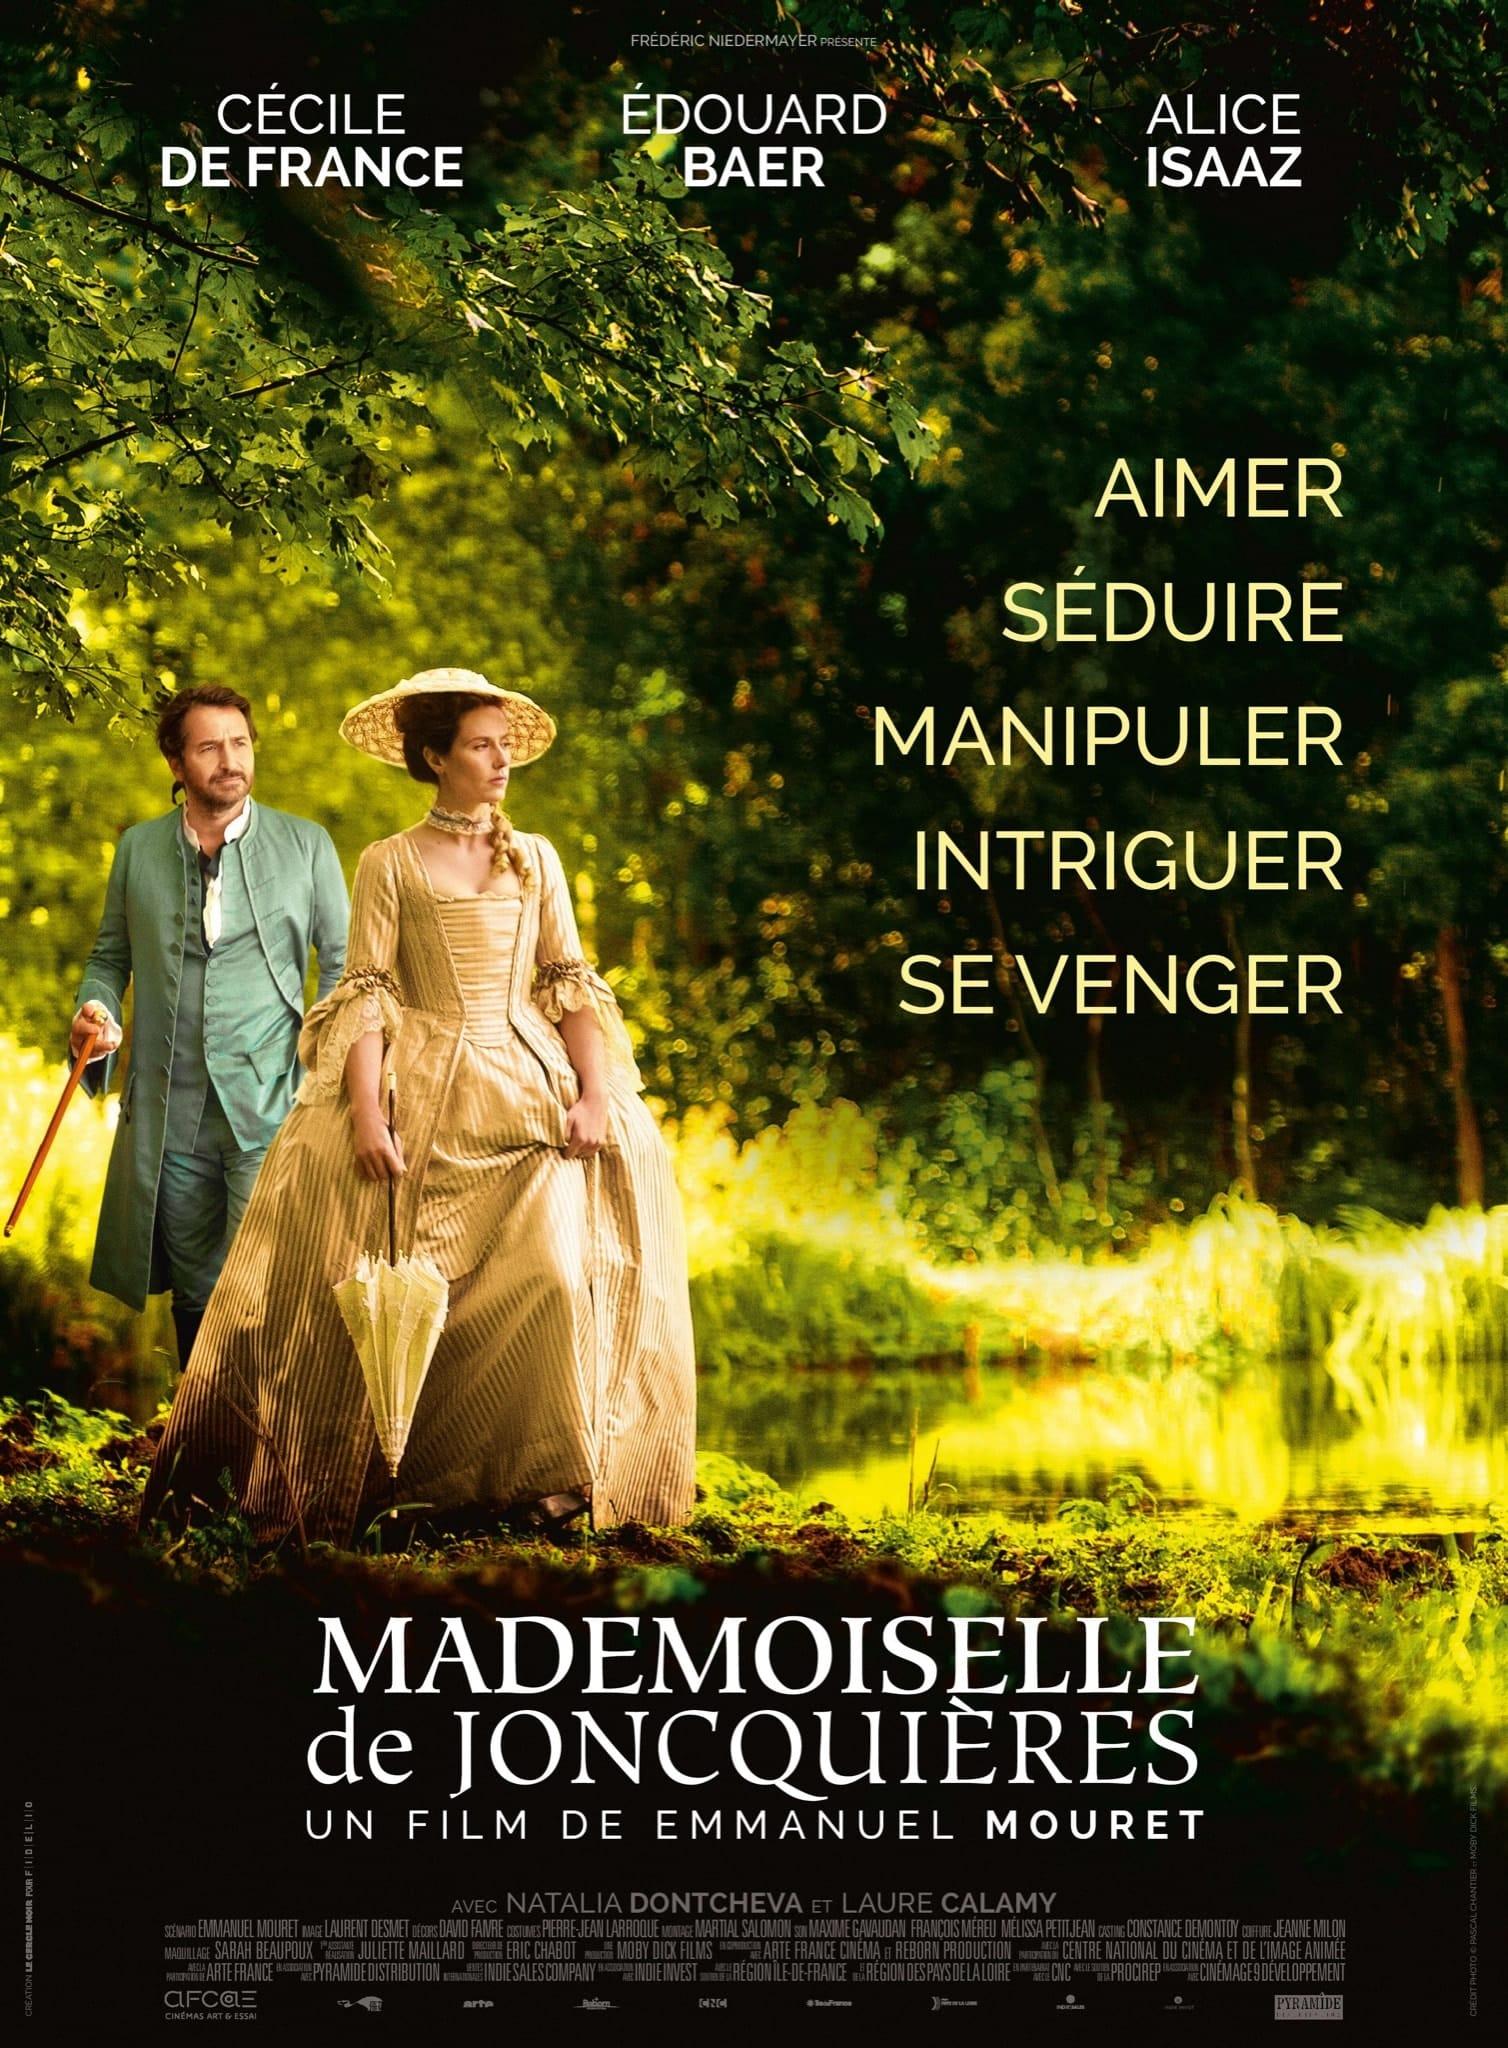 affiche film Mademoiselle de Joncquières d'Emmanuel Mouret